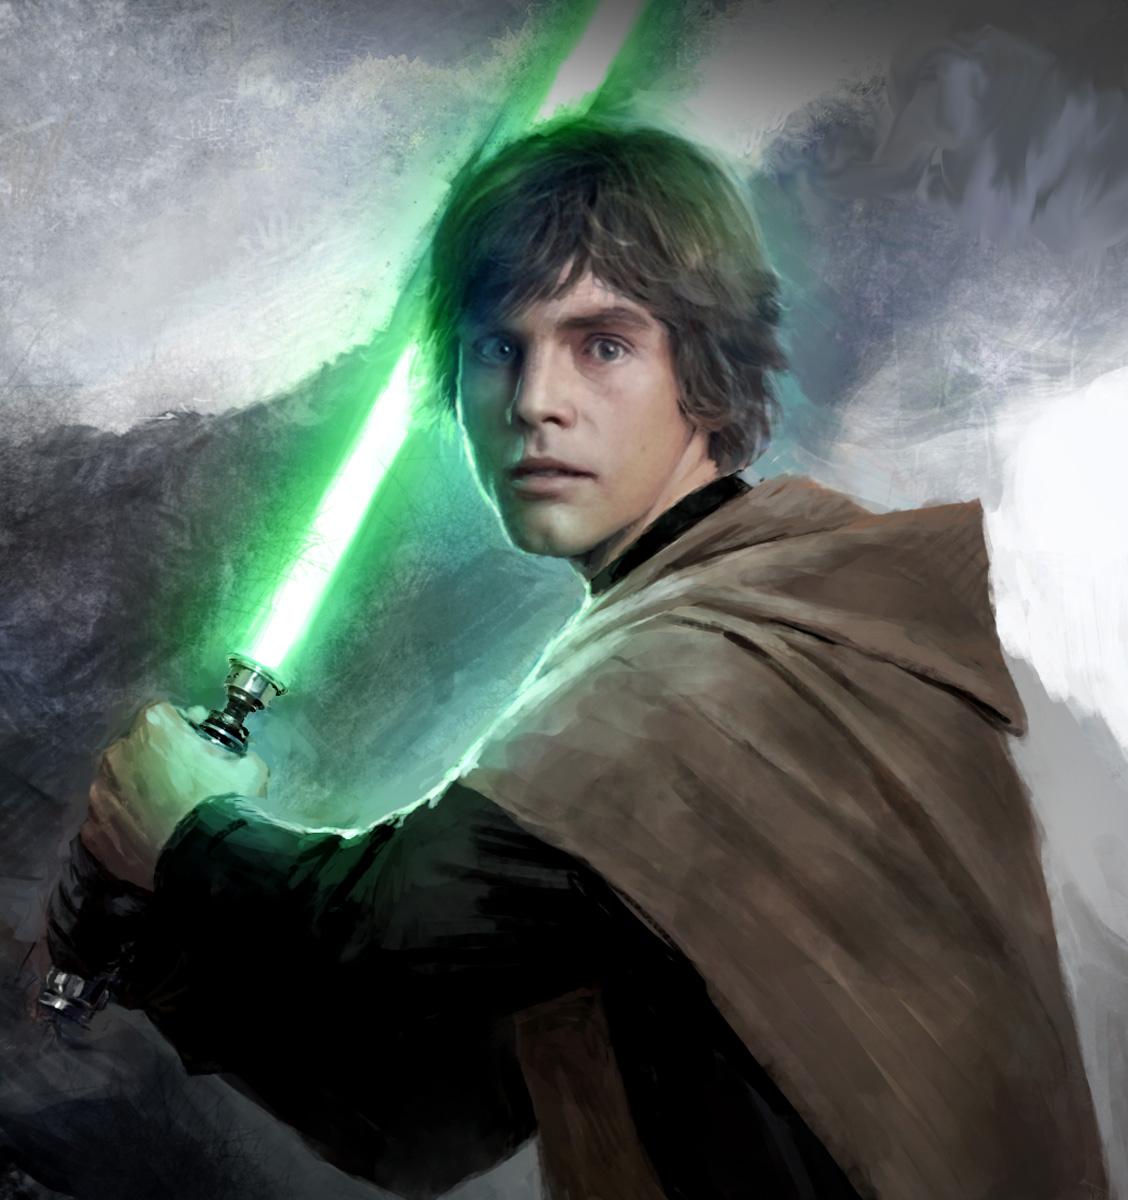 Luke Skywalker Vs Eragon Vs Percy Jackson Battles